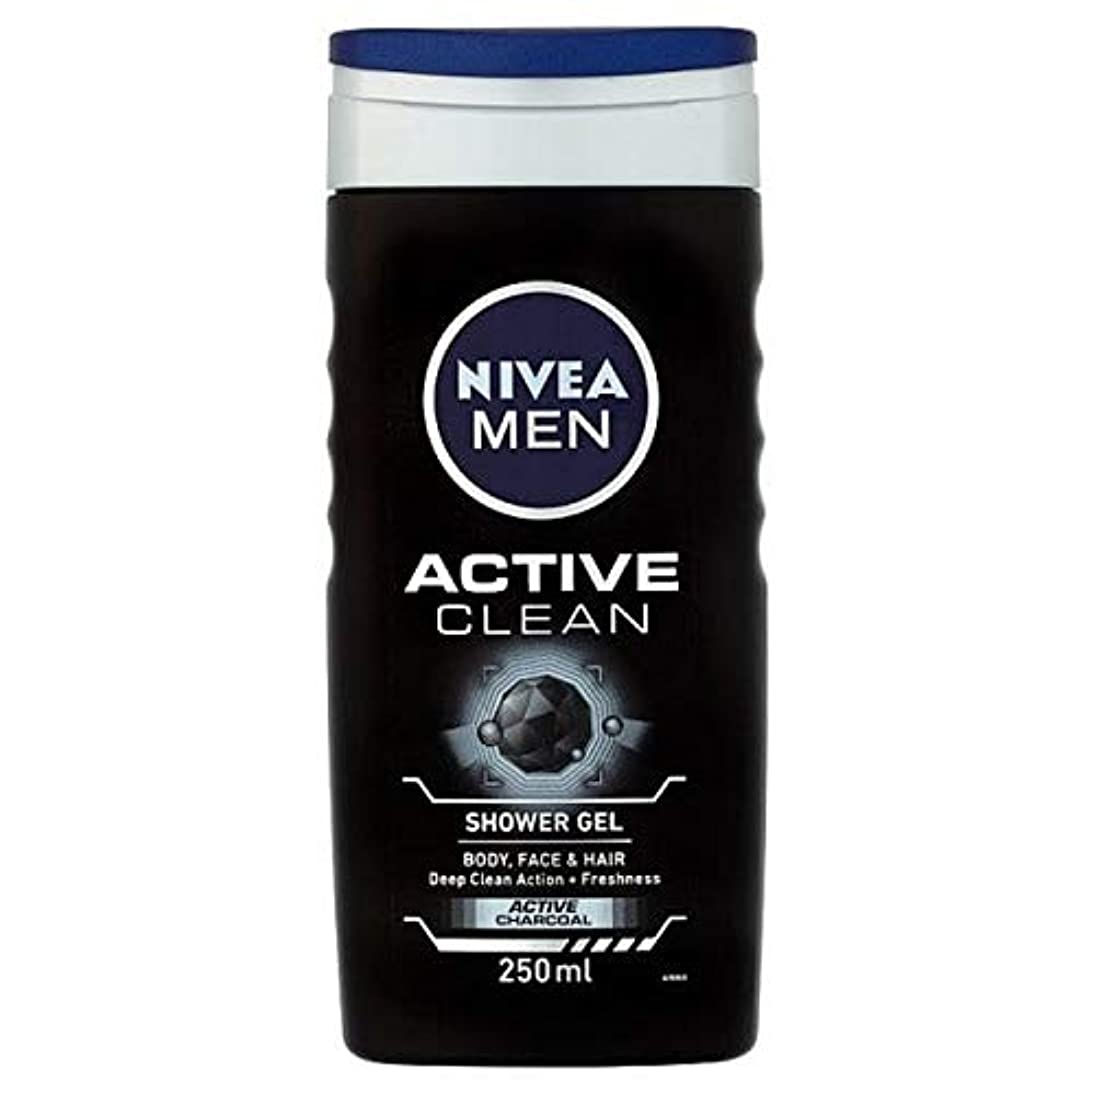 司教。に話す[Nivea ] ニベア男性用シャワージェル、炭との活発なきれいな、250ミリリットル - NIVEA Men Shower Gel, Active Clean with Charcoal, 250ml [並行輸入品]